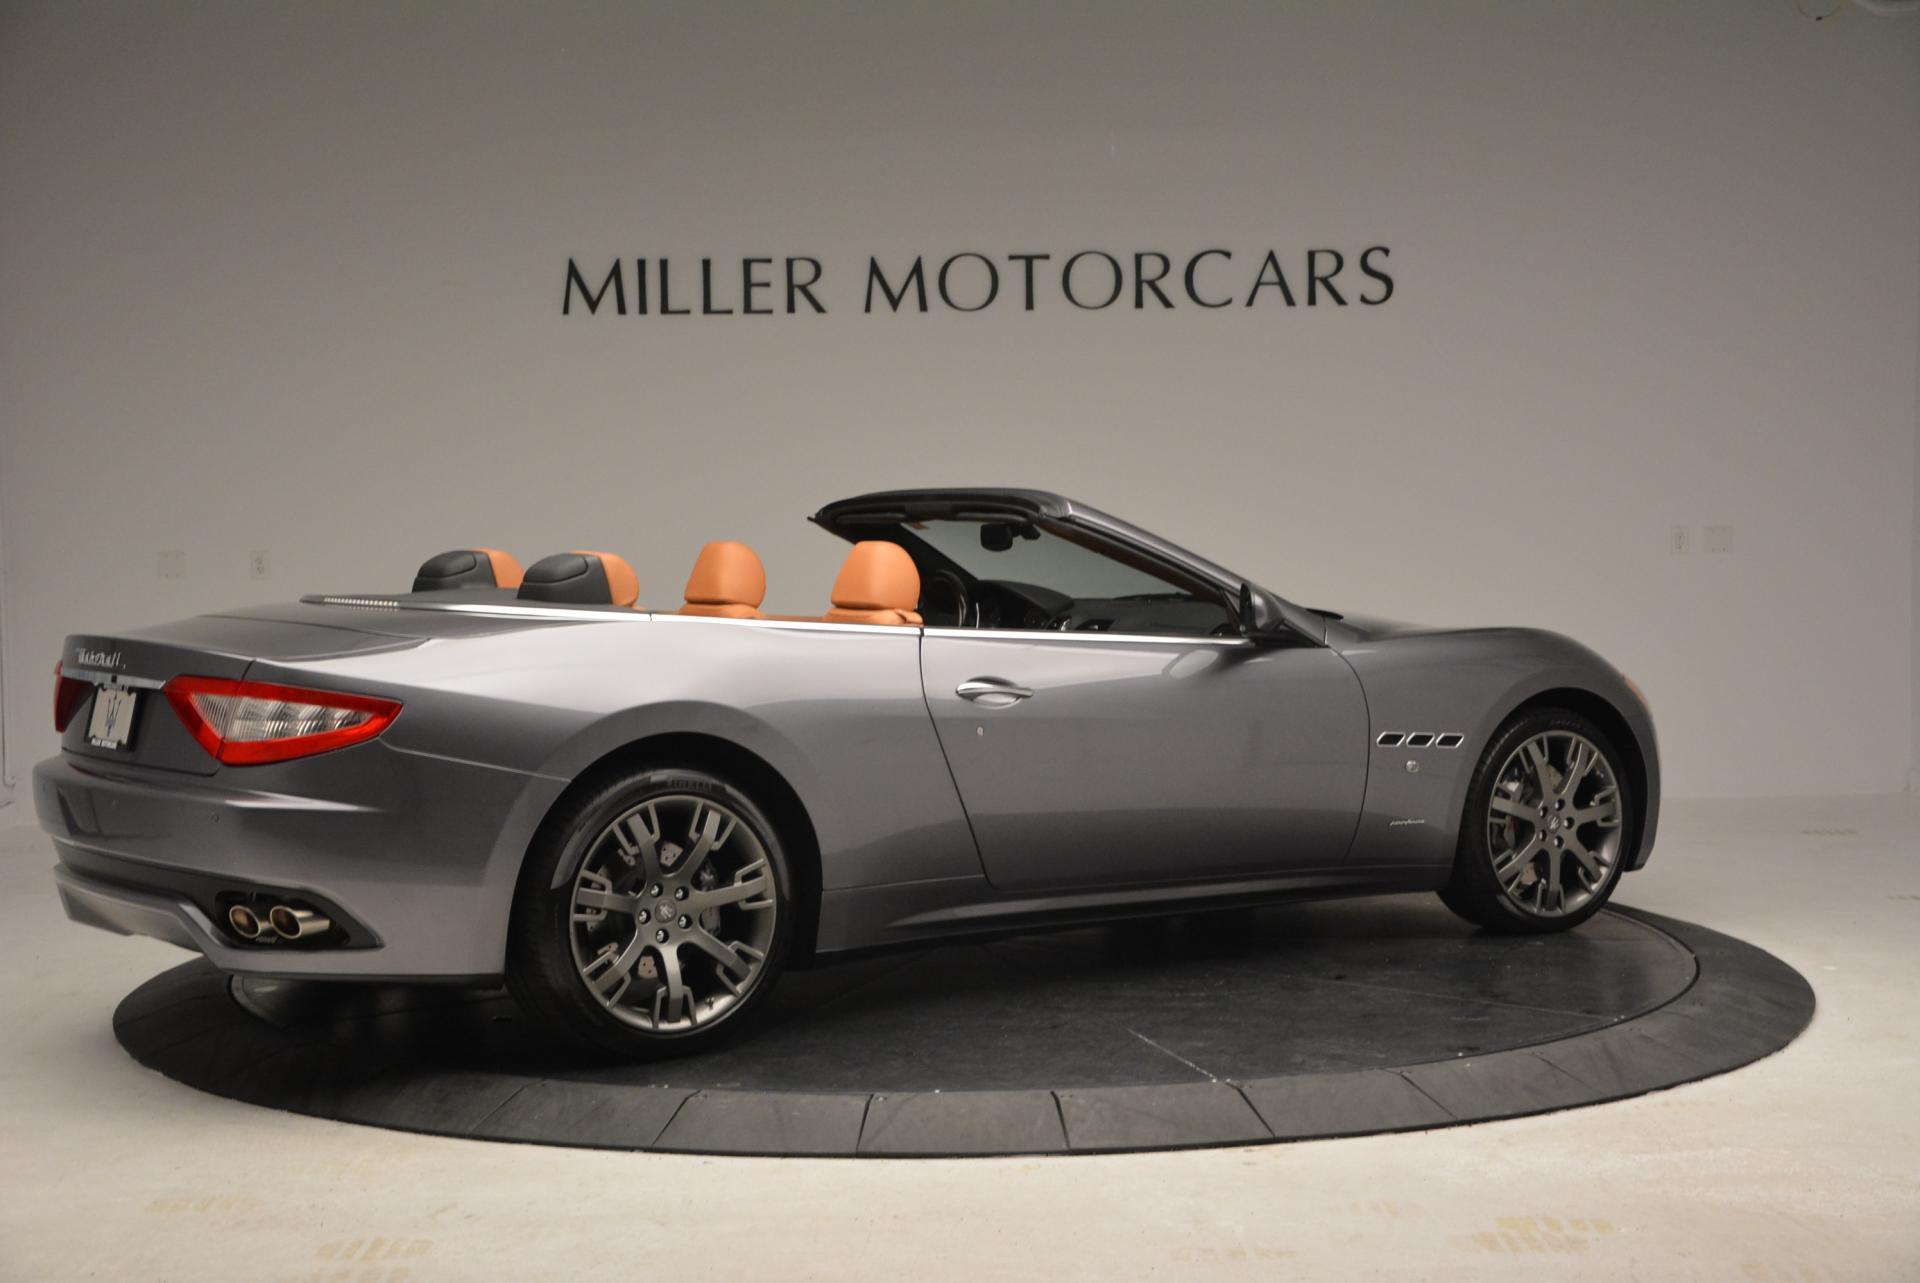 Used 2012 Maserati GranTurismo  For Sale In Greenwich, CT 161_p8